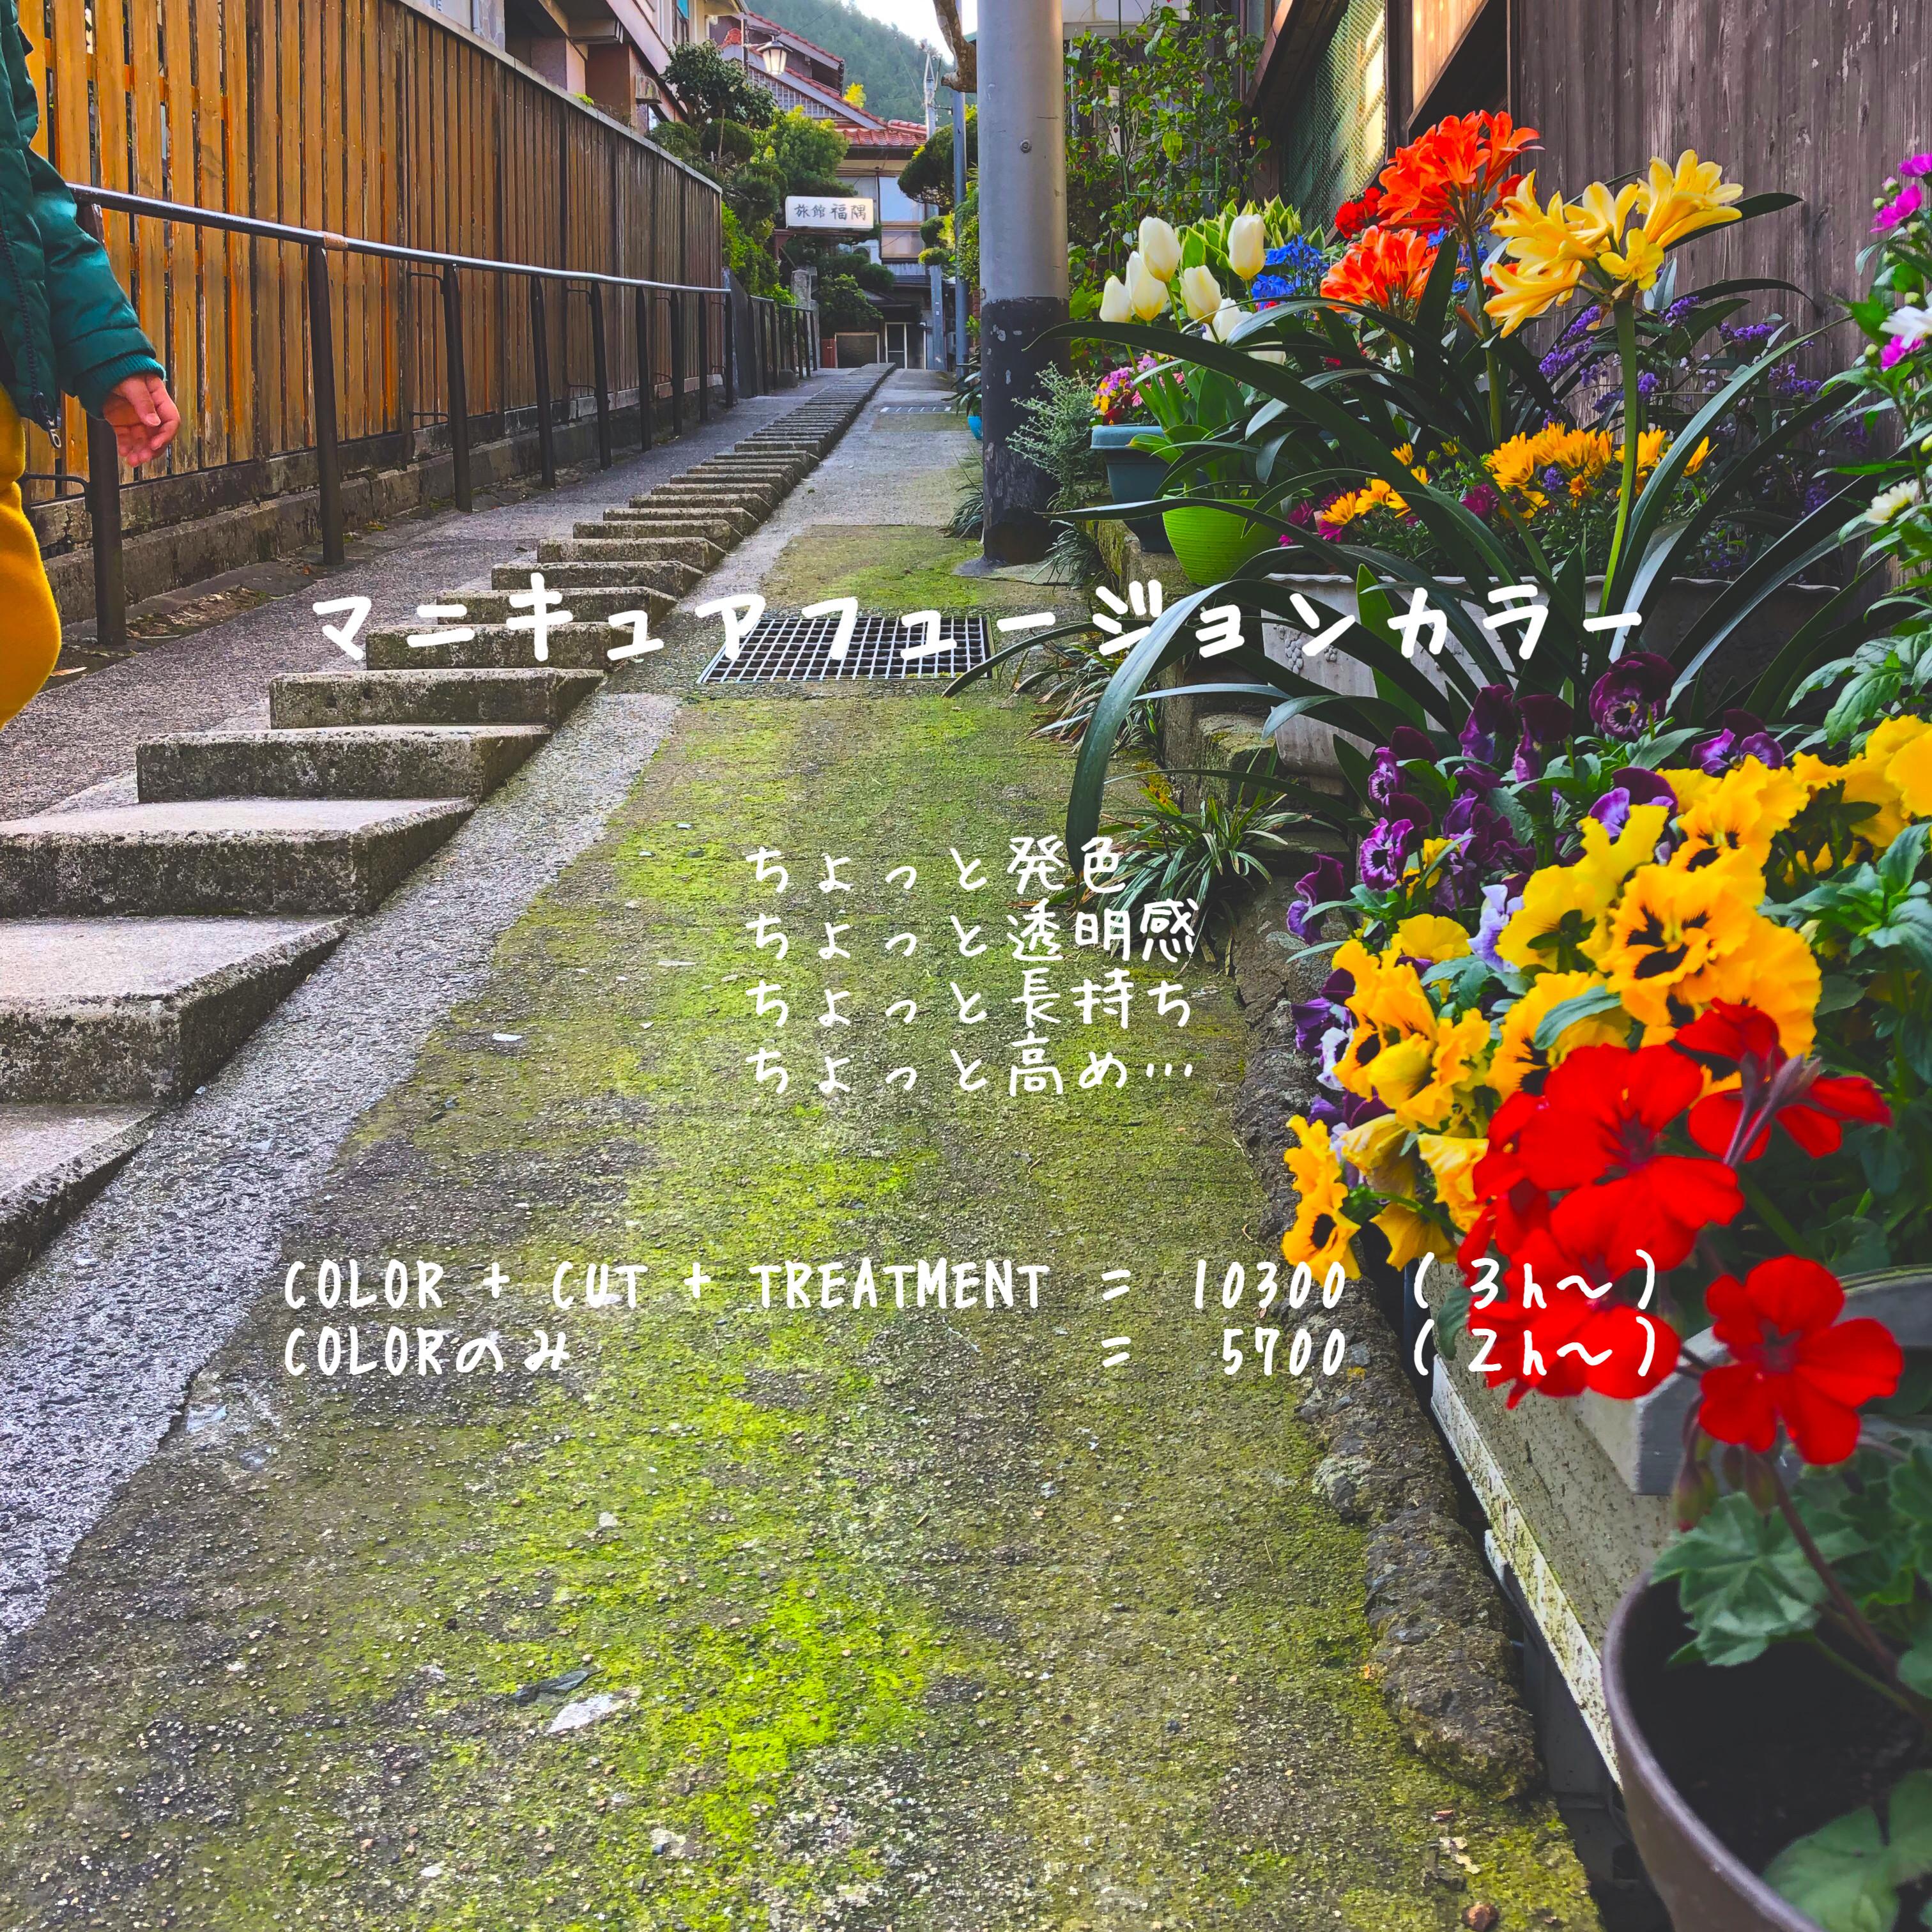 マニキュアフュージョンカラー +  カット  +  トリートメント (全体)